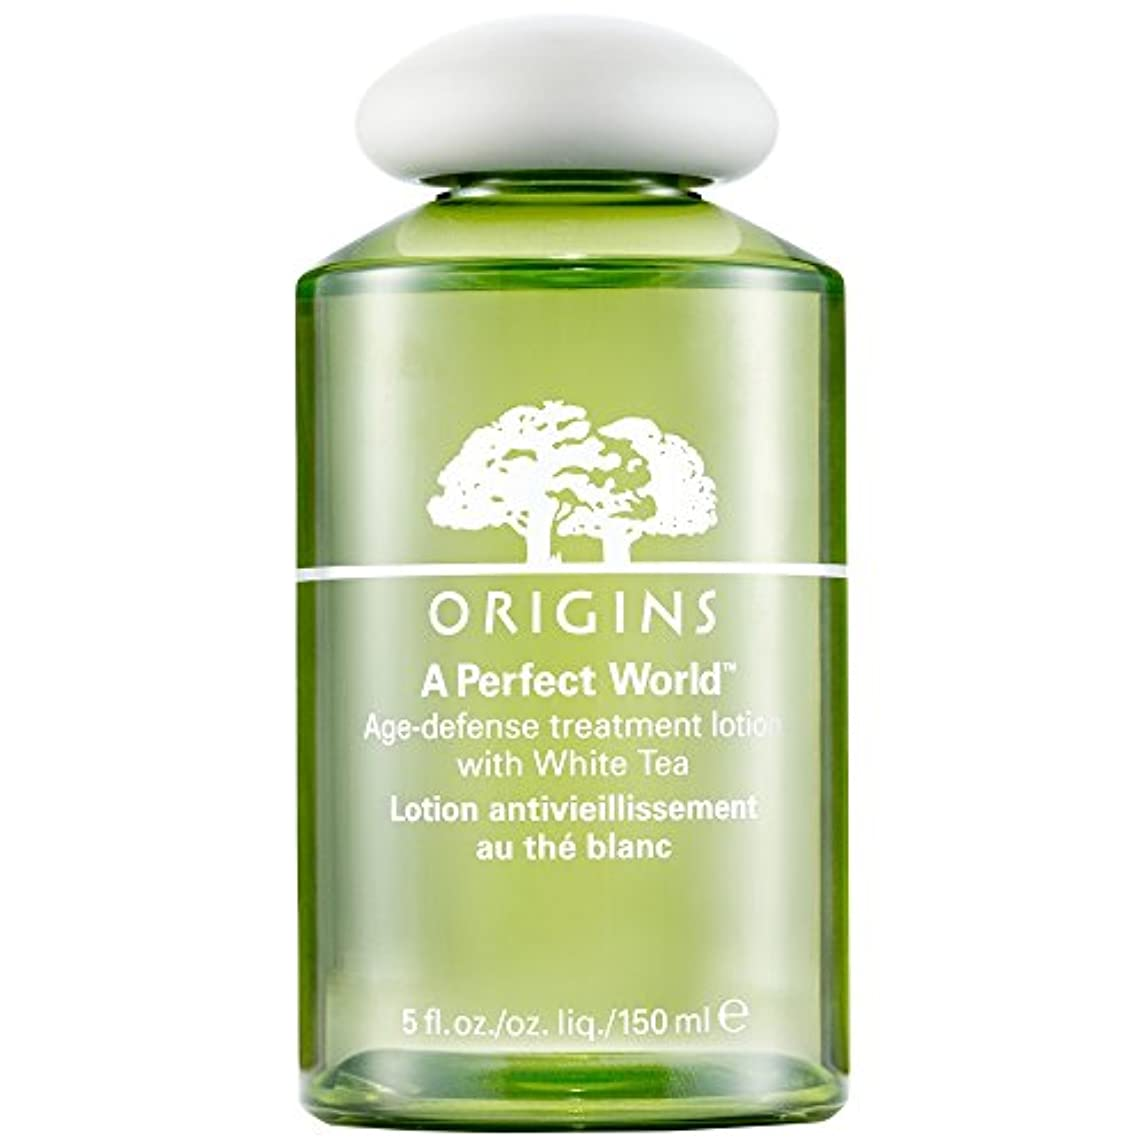 知的アクロバット儀式起源ホワイトティー、150ミリリットルとの完璧な世界の年齢防衛トリートメントローション (Origins) (x6) - Origins A Perfect World Age Defense Treatment Lotion...